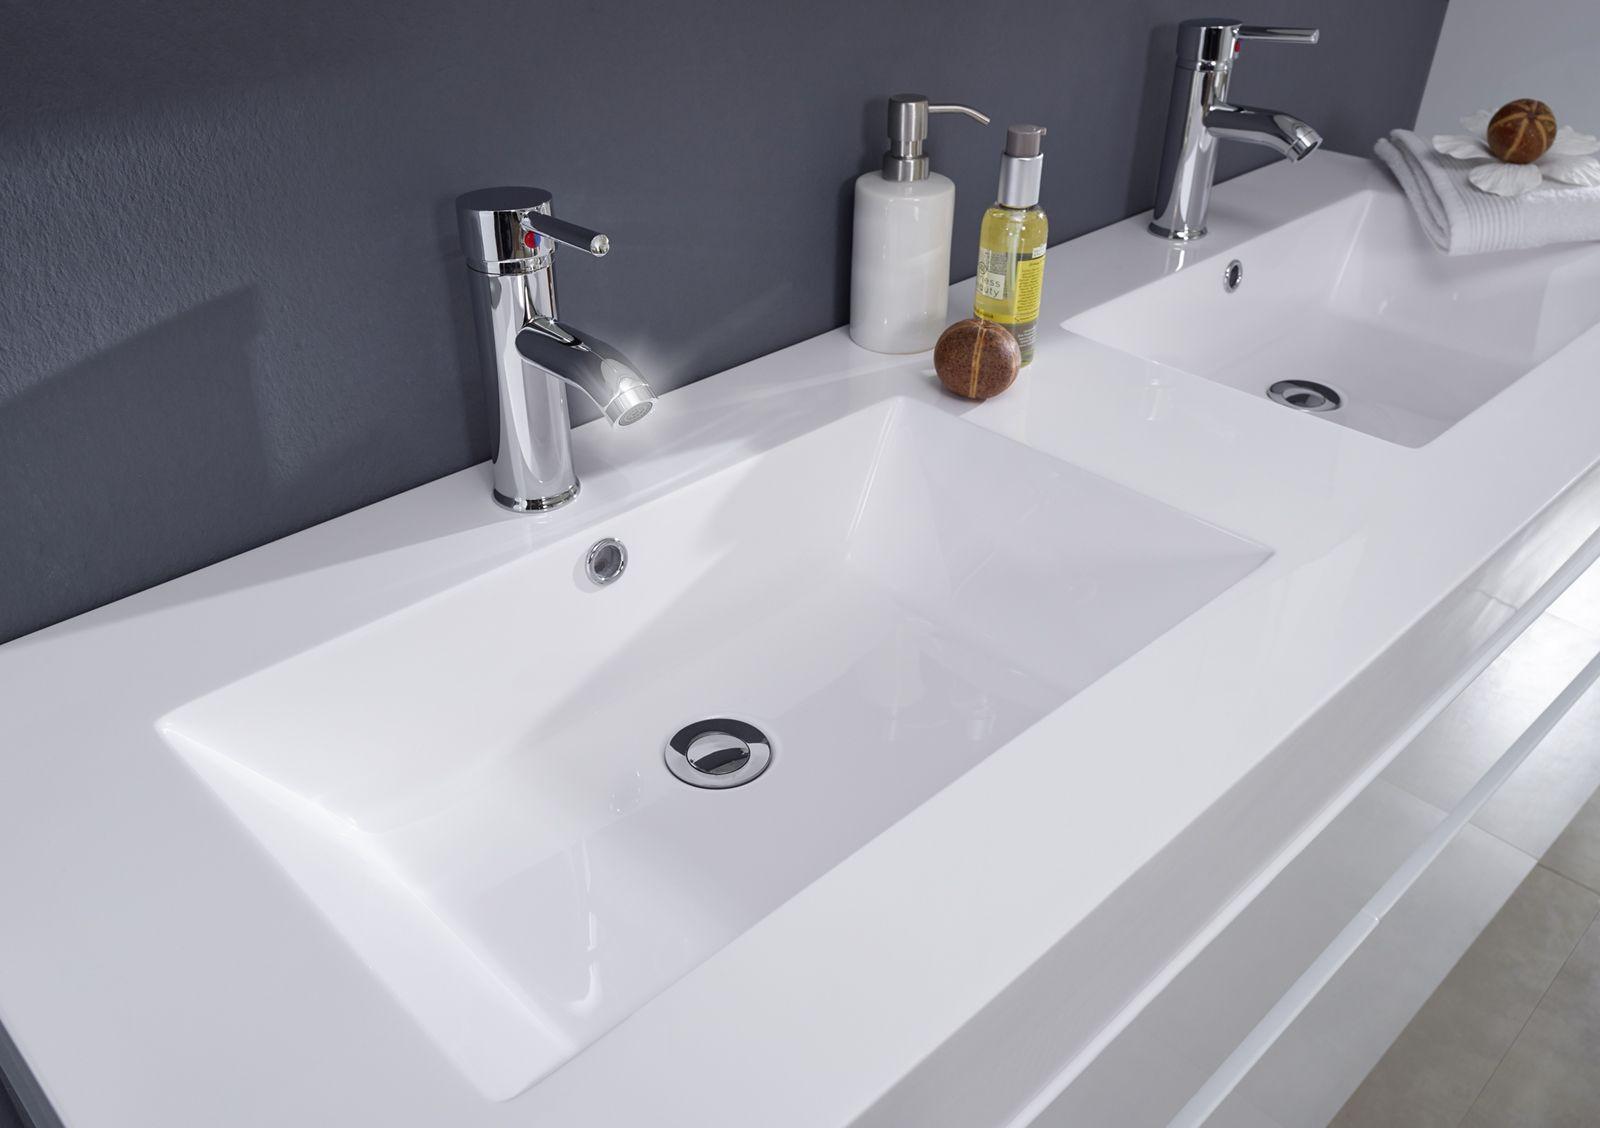 Badezimmermöbel nussbaum ~ Doppelwaschtisch fürs badezimmer für harmonie in der partnerschaft